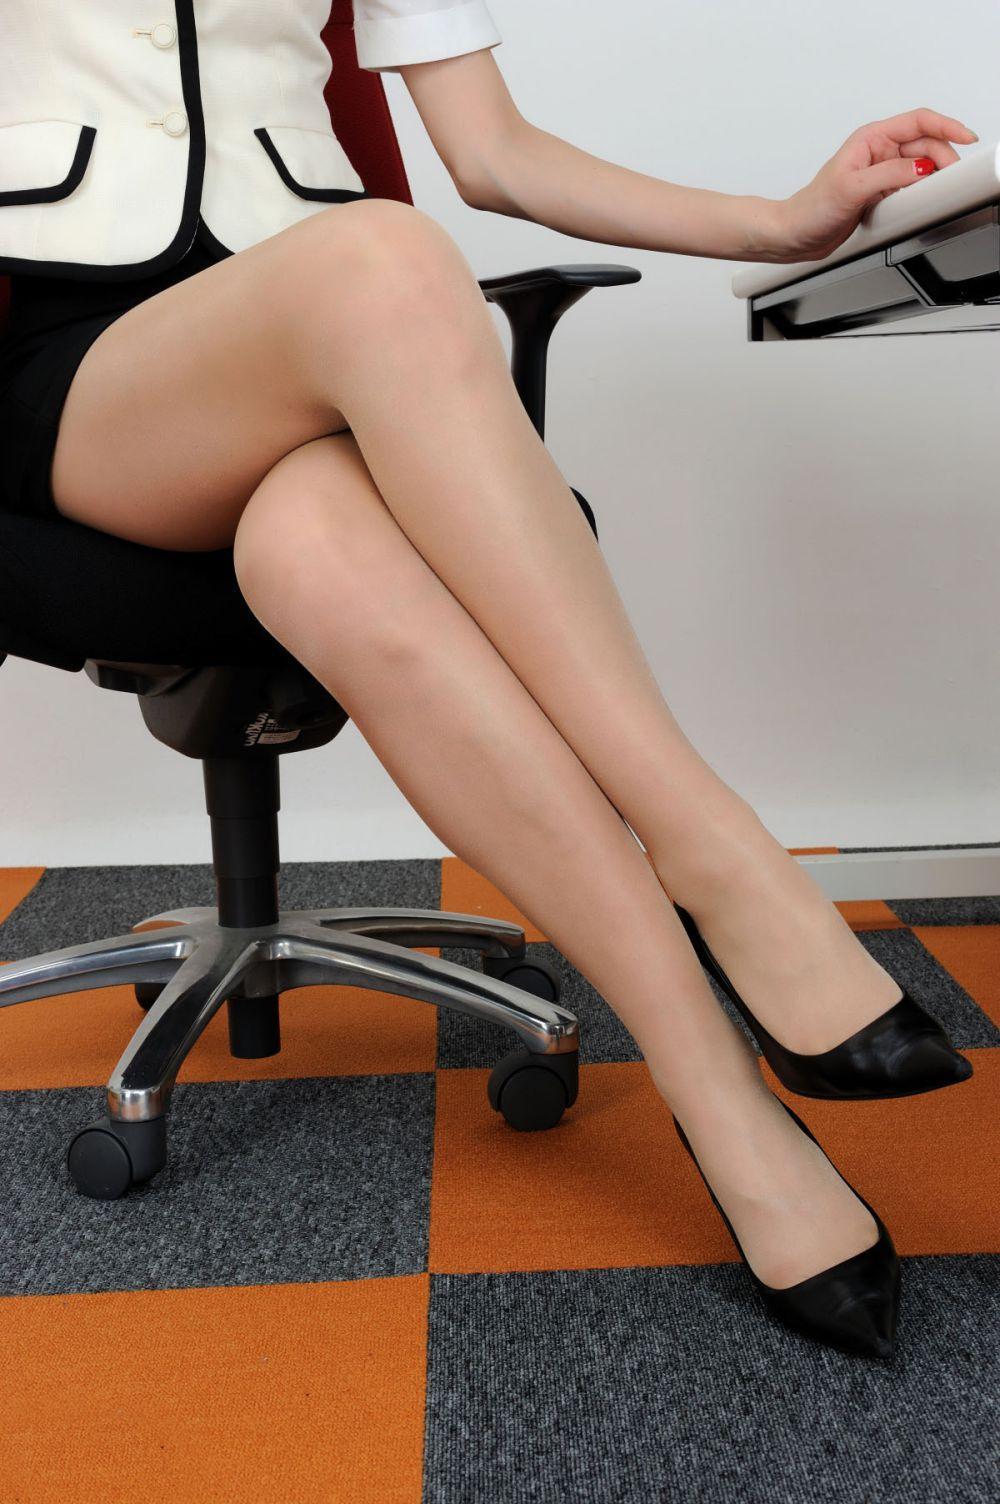 小香风秘书情趣大胆美女v秘书性感美女情趣广州内衣秀图片成展图片